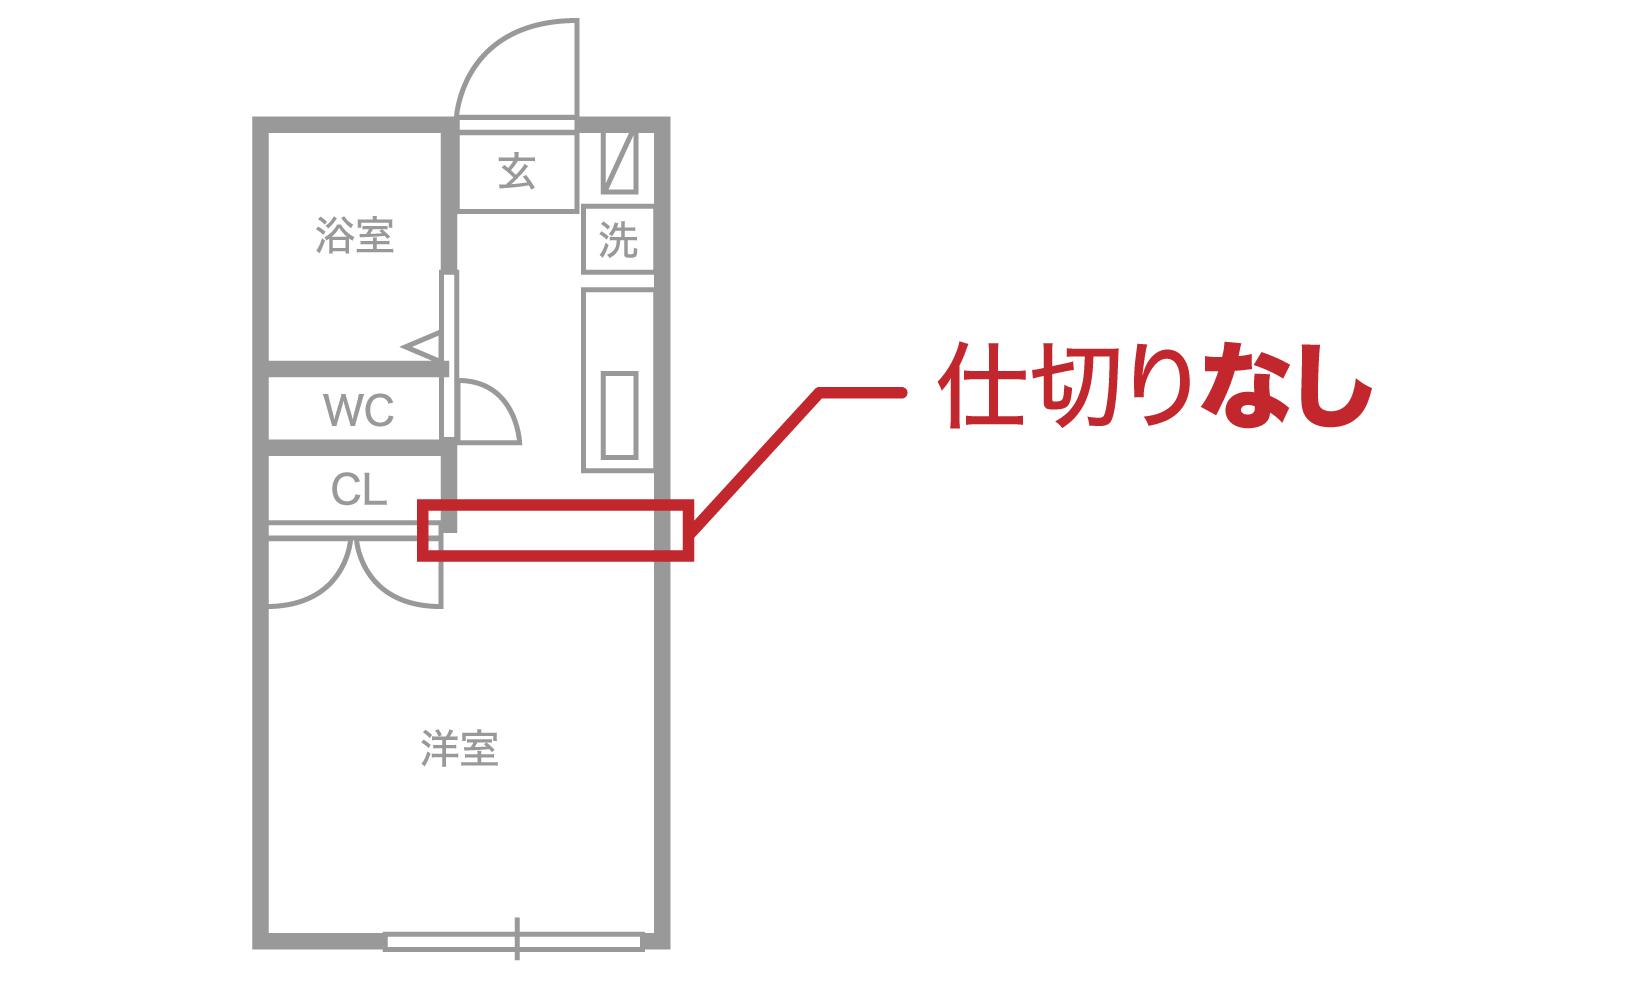 ワンルームとは、扉など間仕切りのない1部屋タイプの間取りのこと